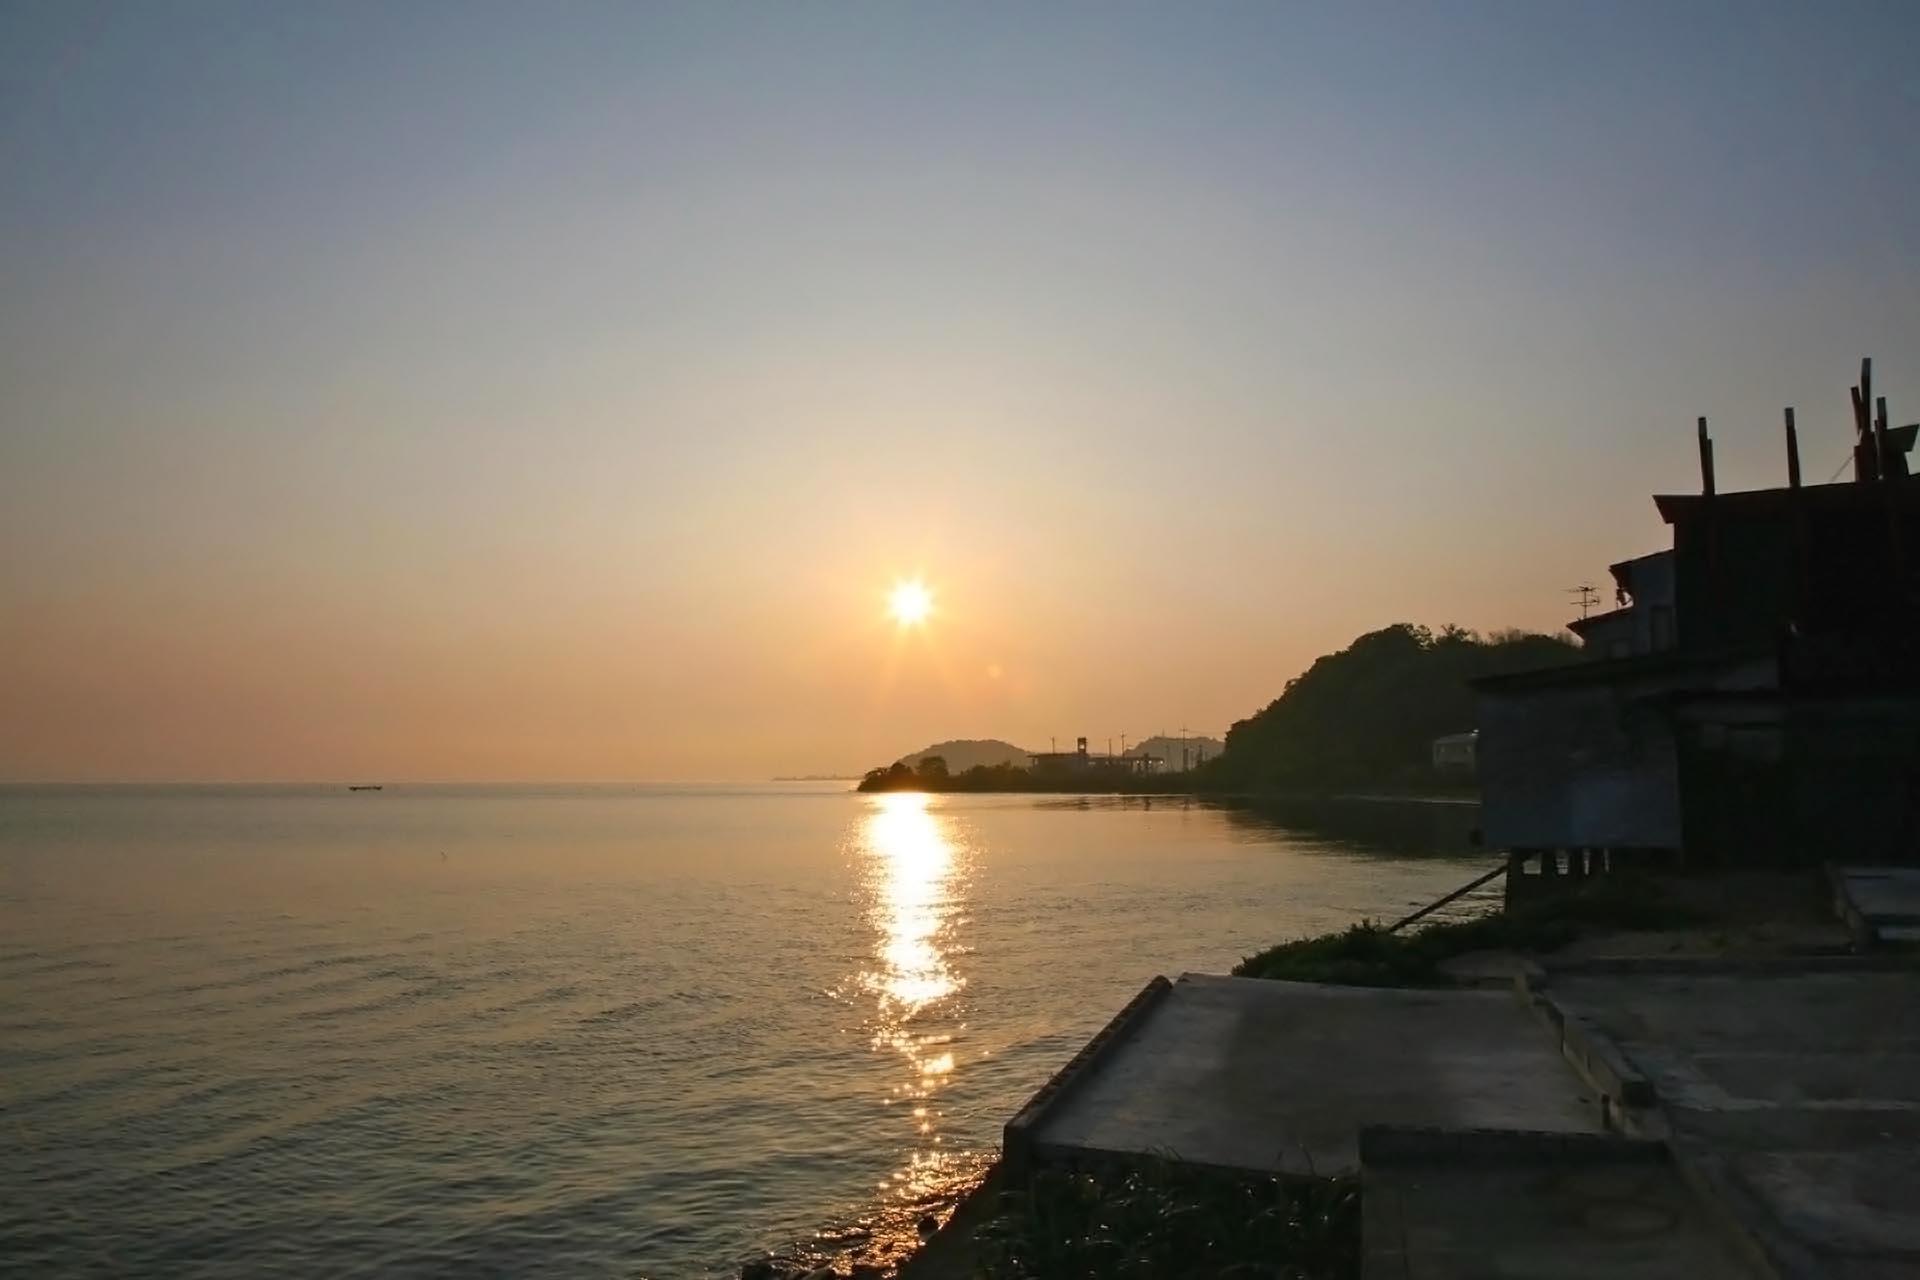 朝の宍道湖の風景 島根の風景